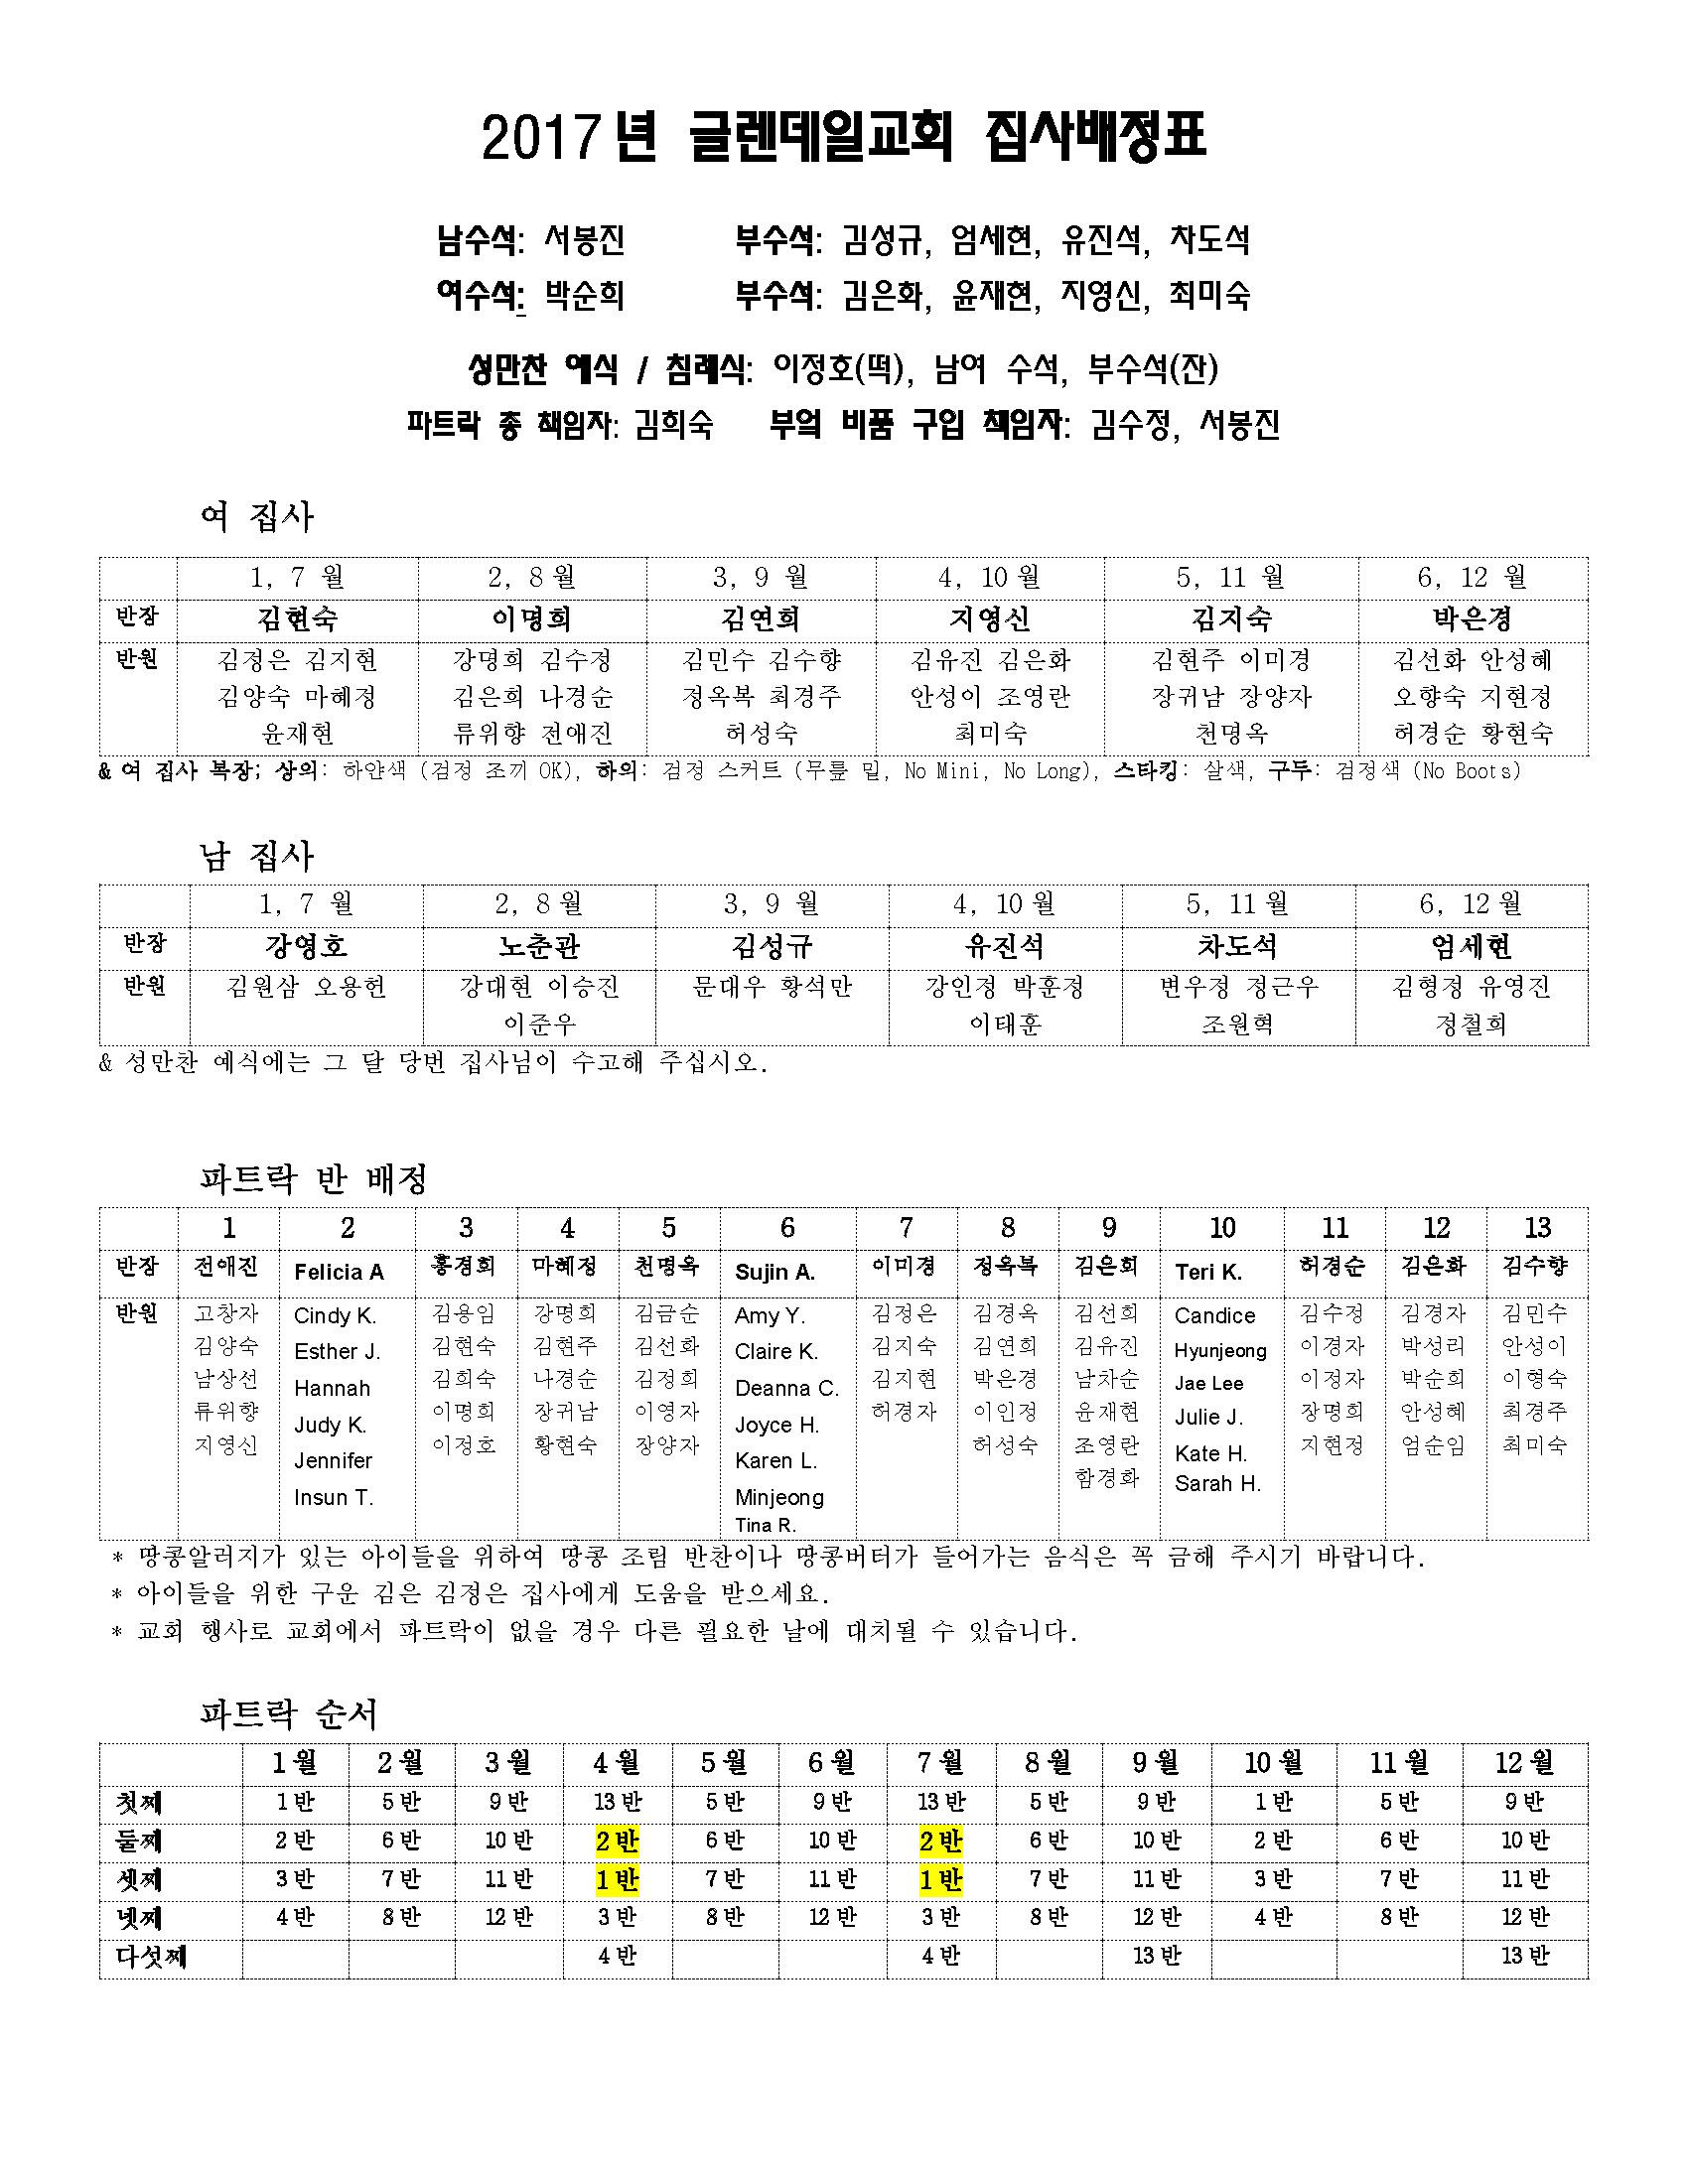 2017년 집사 배정표.jpg